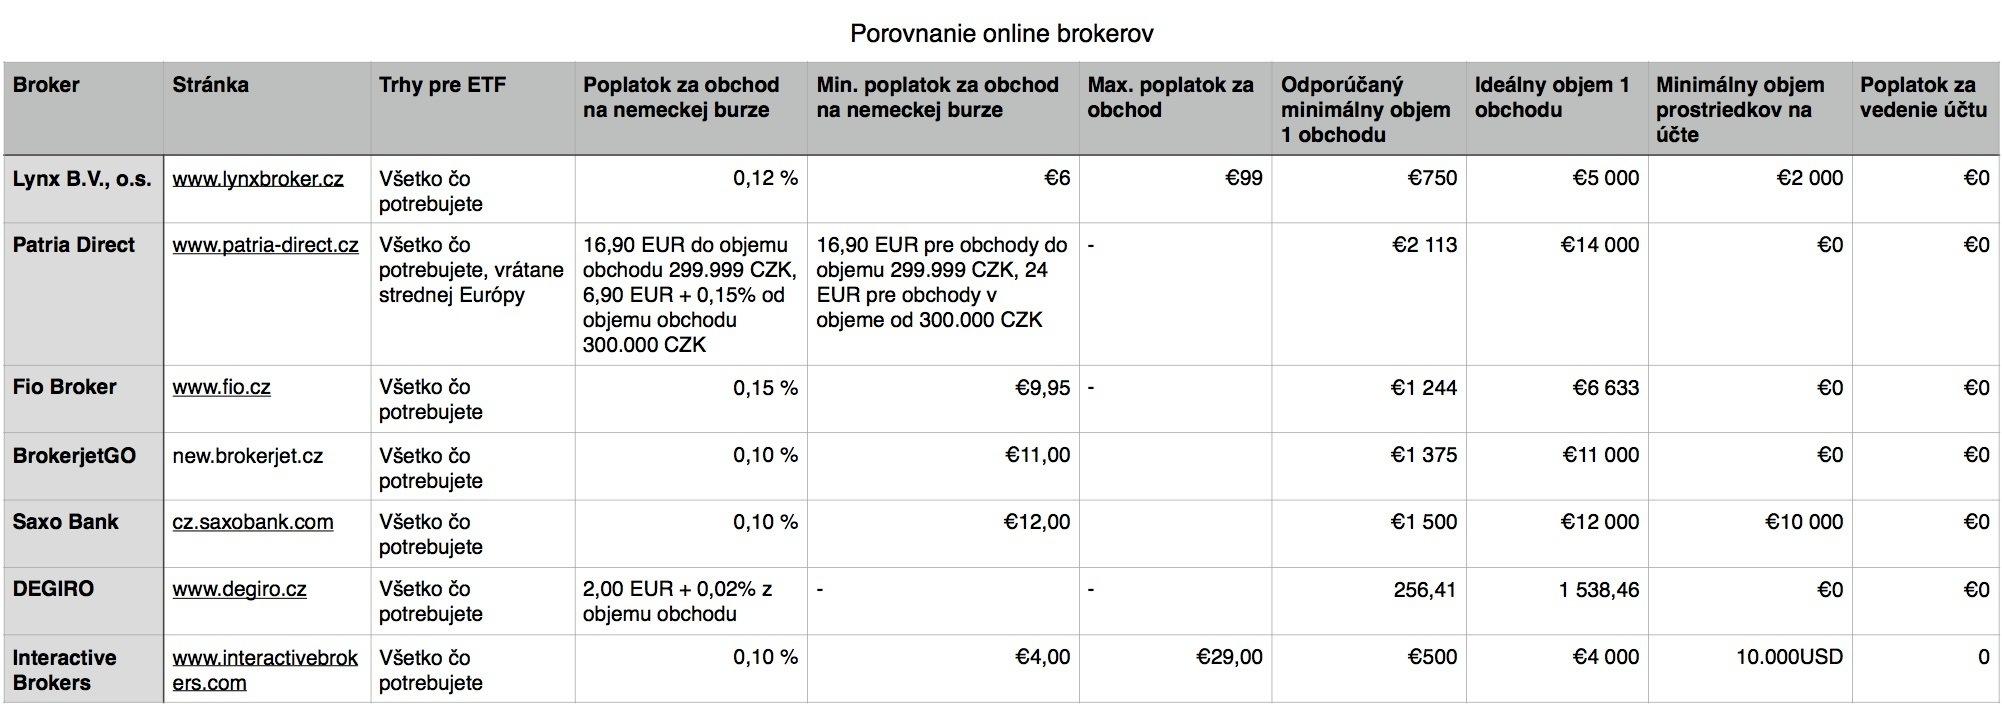 Porovnanie online brokerov 2